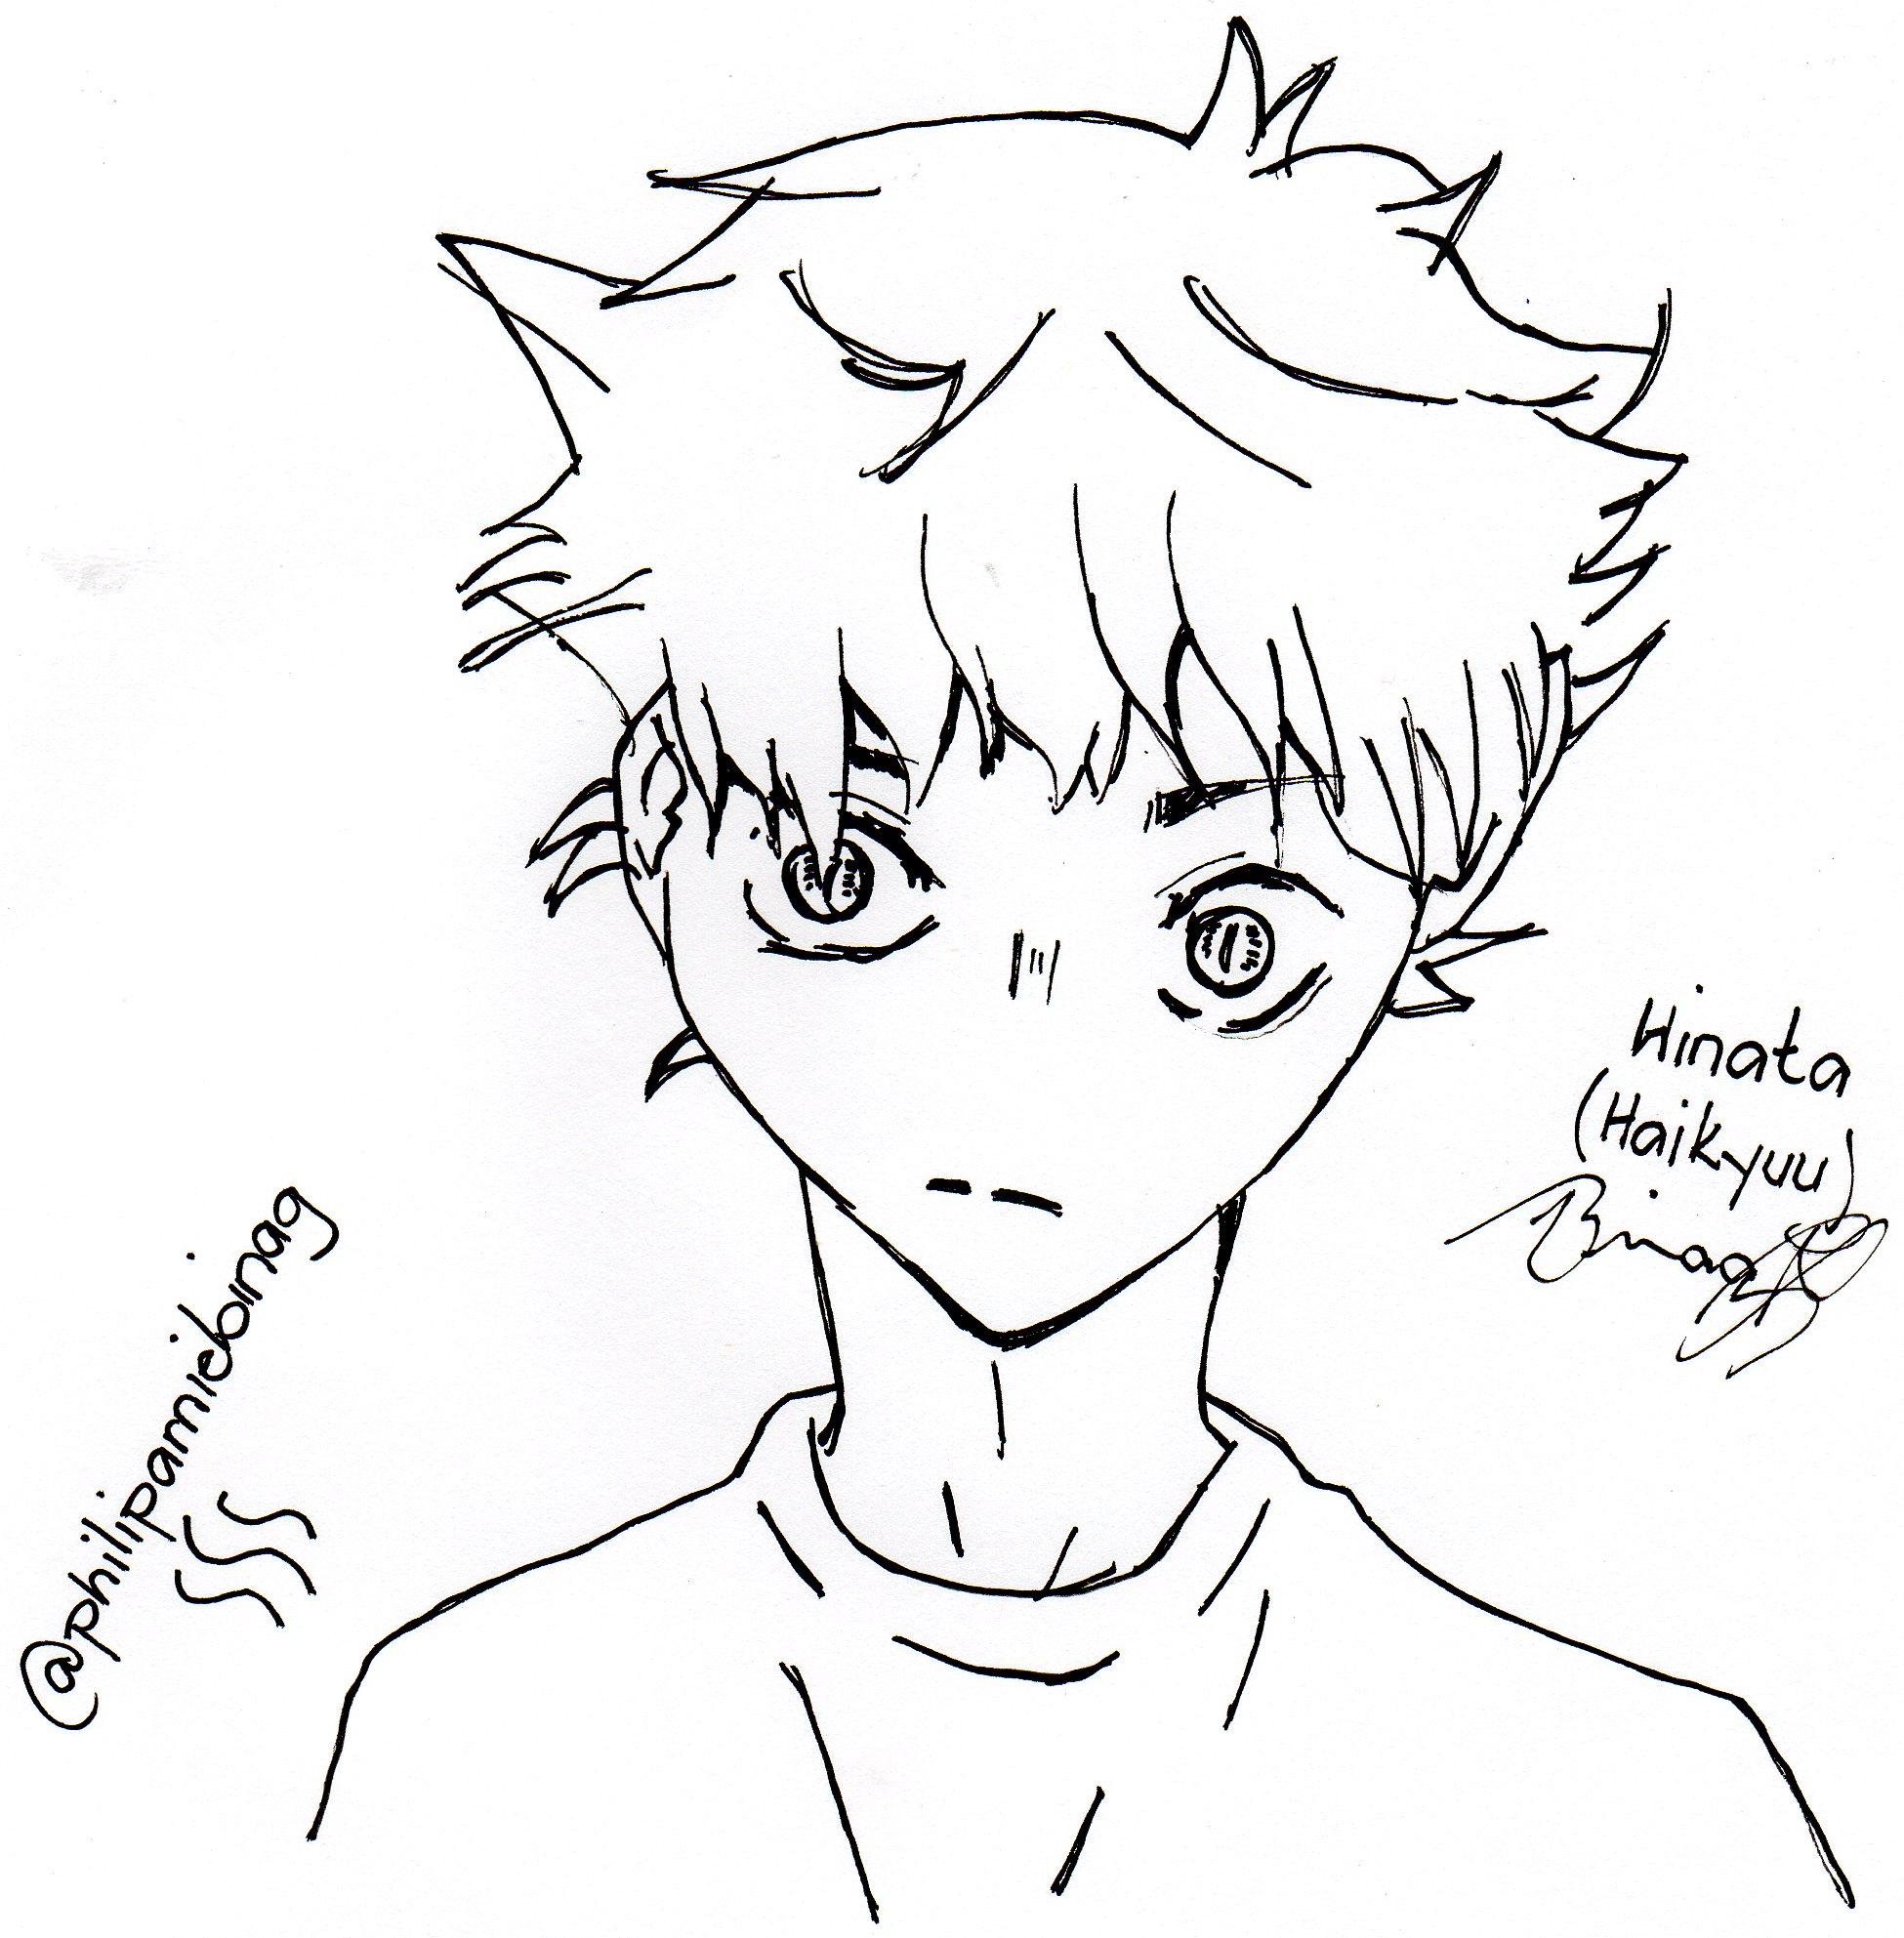 1950x1985 Anime Drawing Challenge Hinata (Haikyuu) Directly Using Pigment